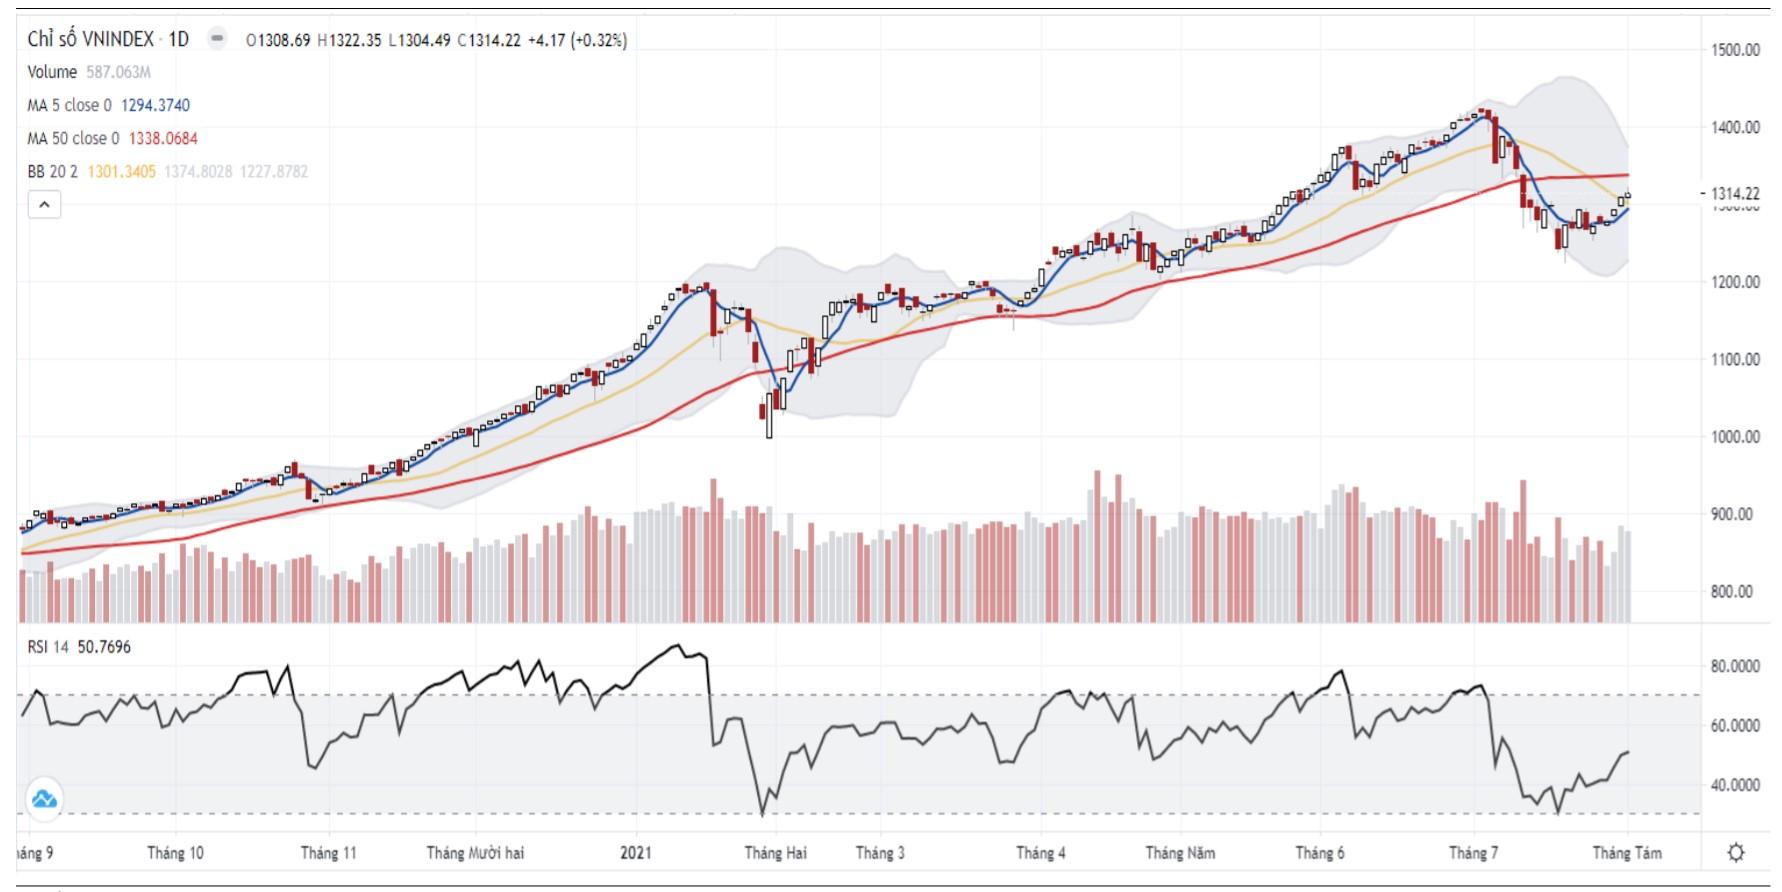 Nhận định thị trường chứng khoán ngày 3/8: Kiểm định lại vùng kháng cự 1.315 - 1.320 điểm - Ảnh 1.